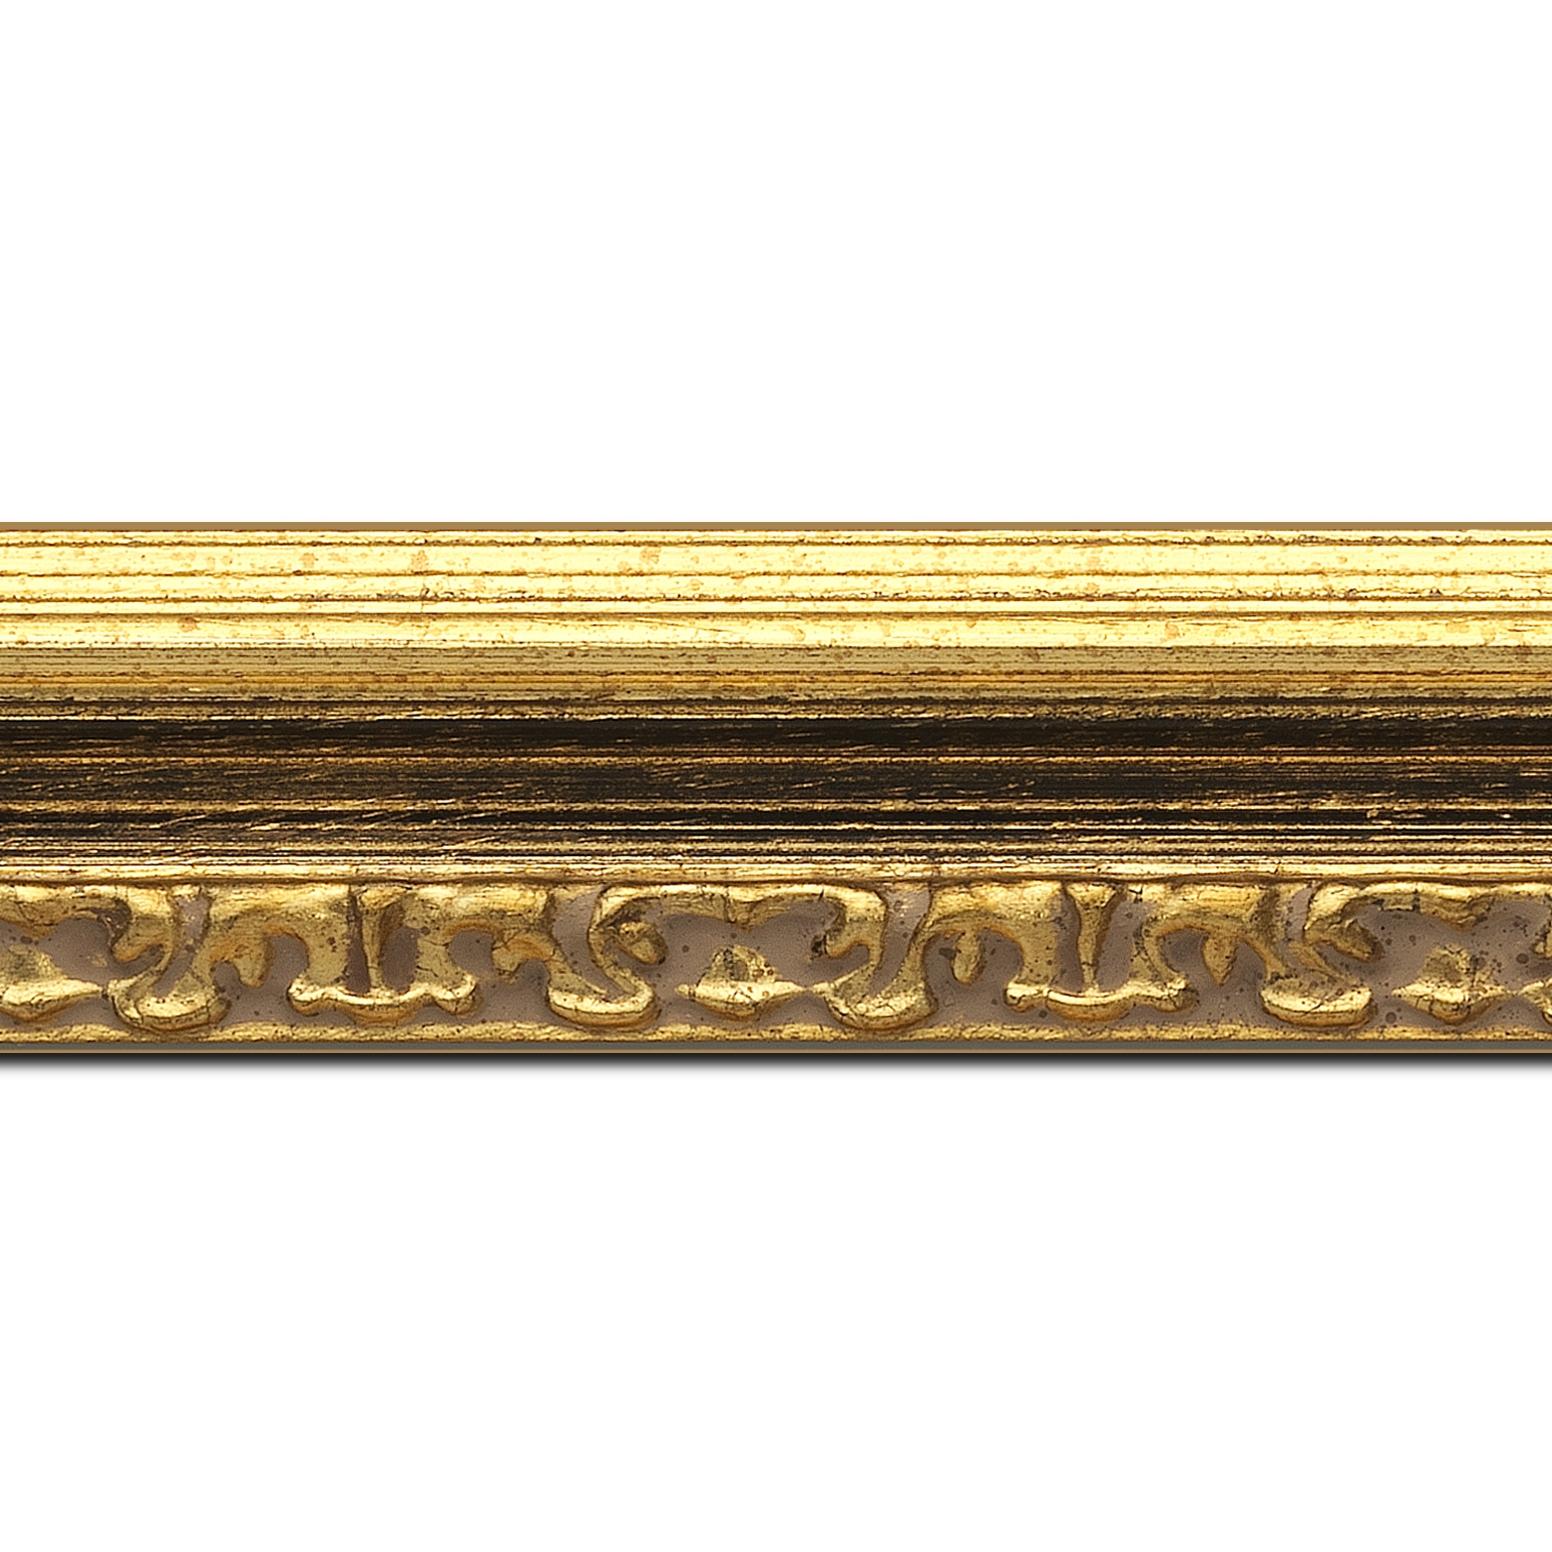 Baguette longueur 1.40m bois profil incurvé largeur 5.1cm couleur or patiné à la feuille gorge noire fond or nez ornement